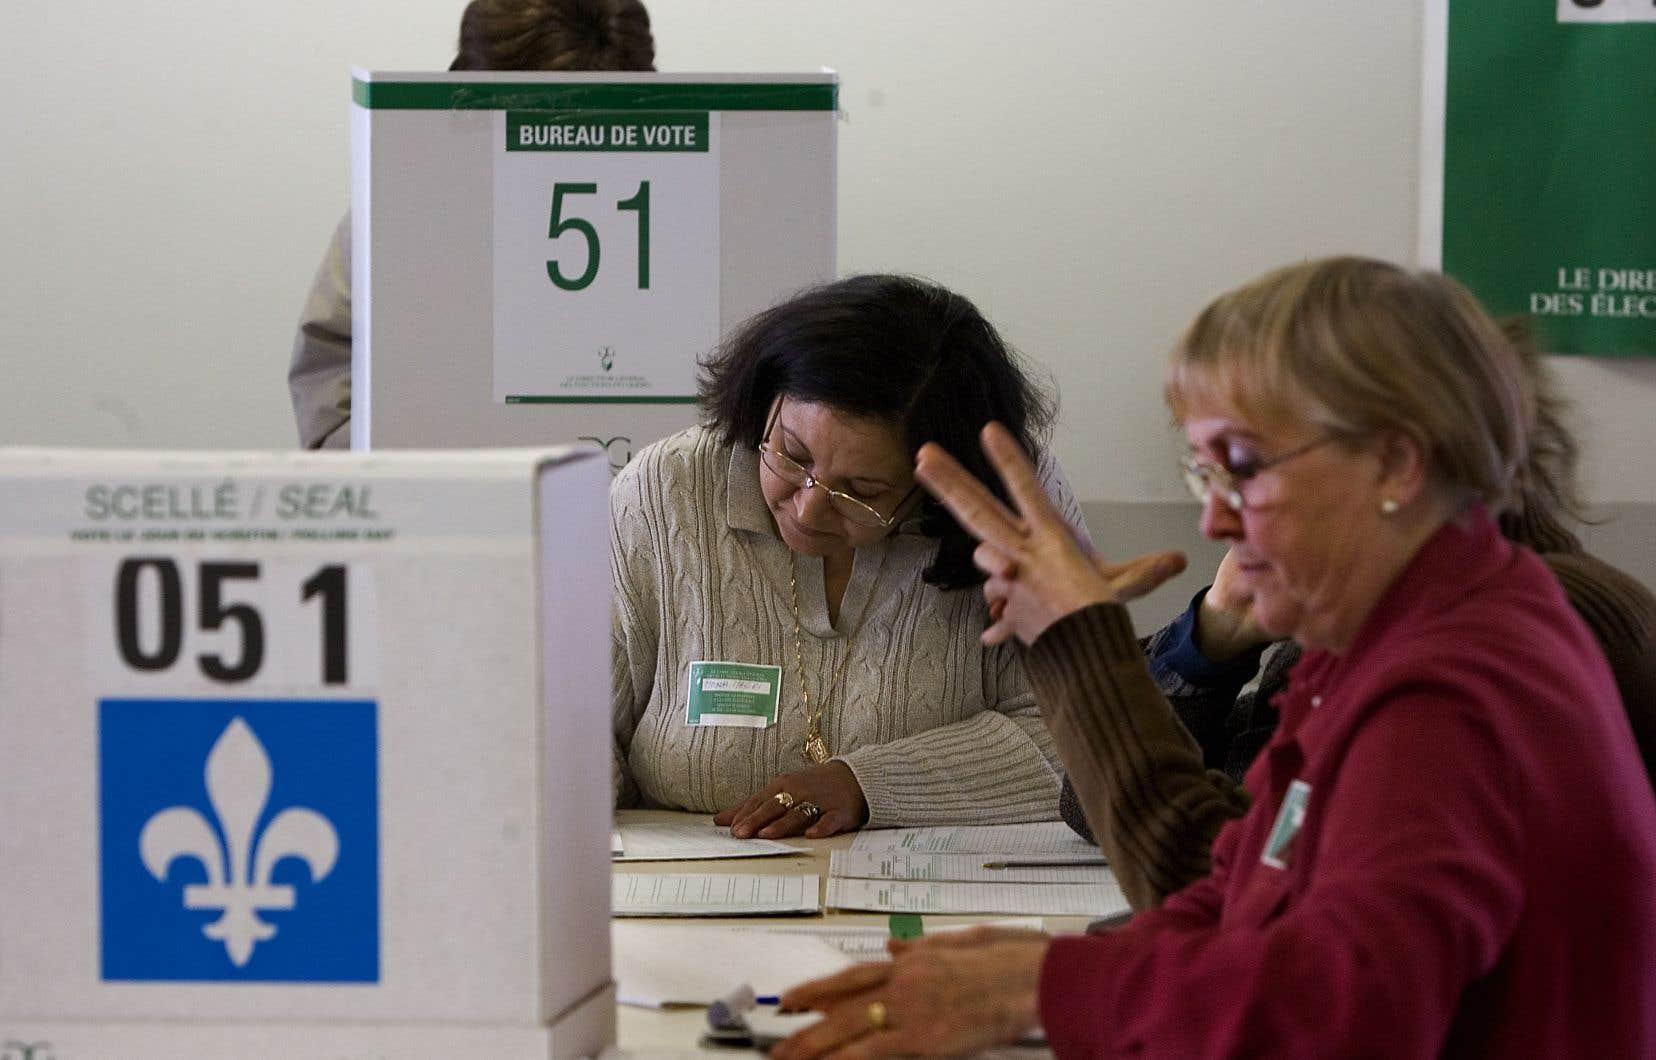 Selon la loi, il est formellement interdit de proposer une rémunération quelconque pour encourager une personne à aller voter.